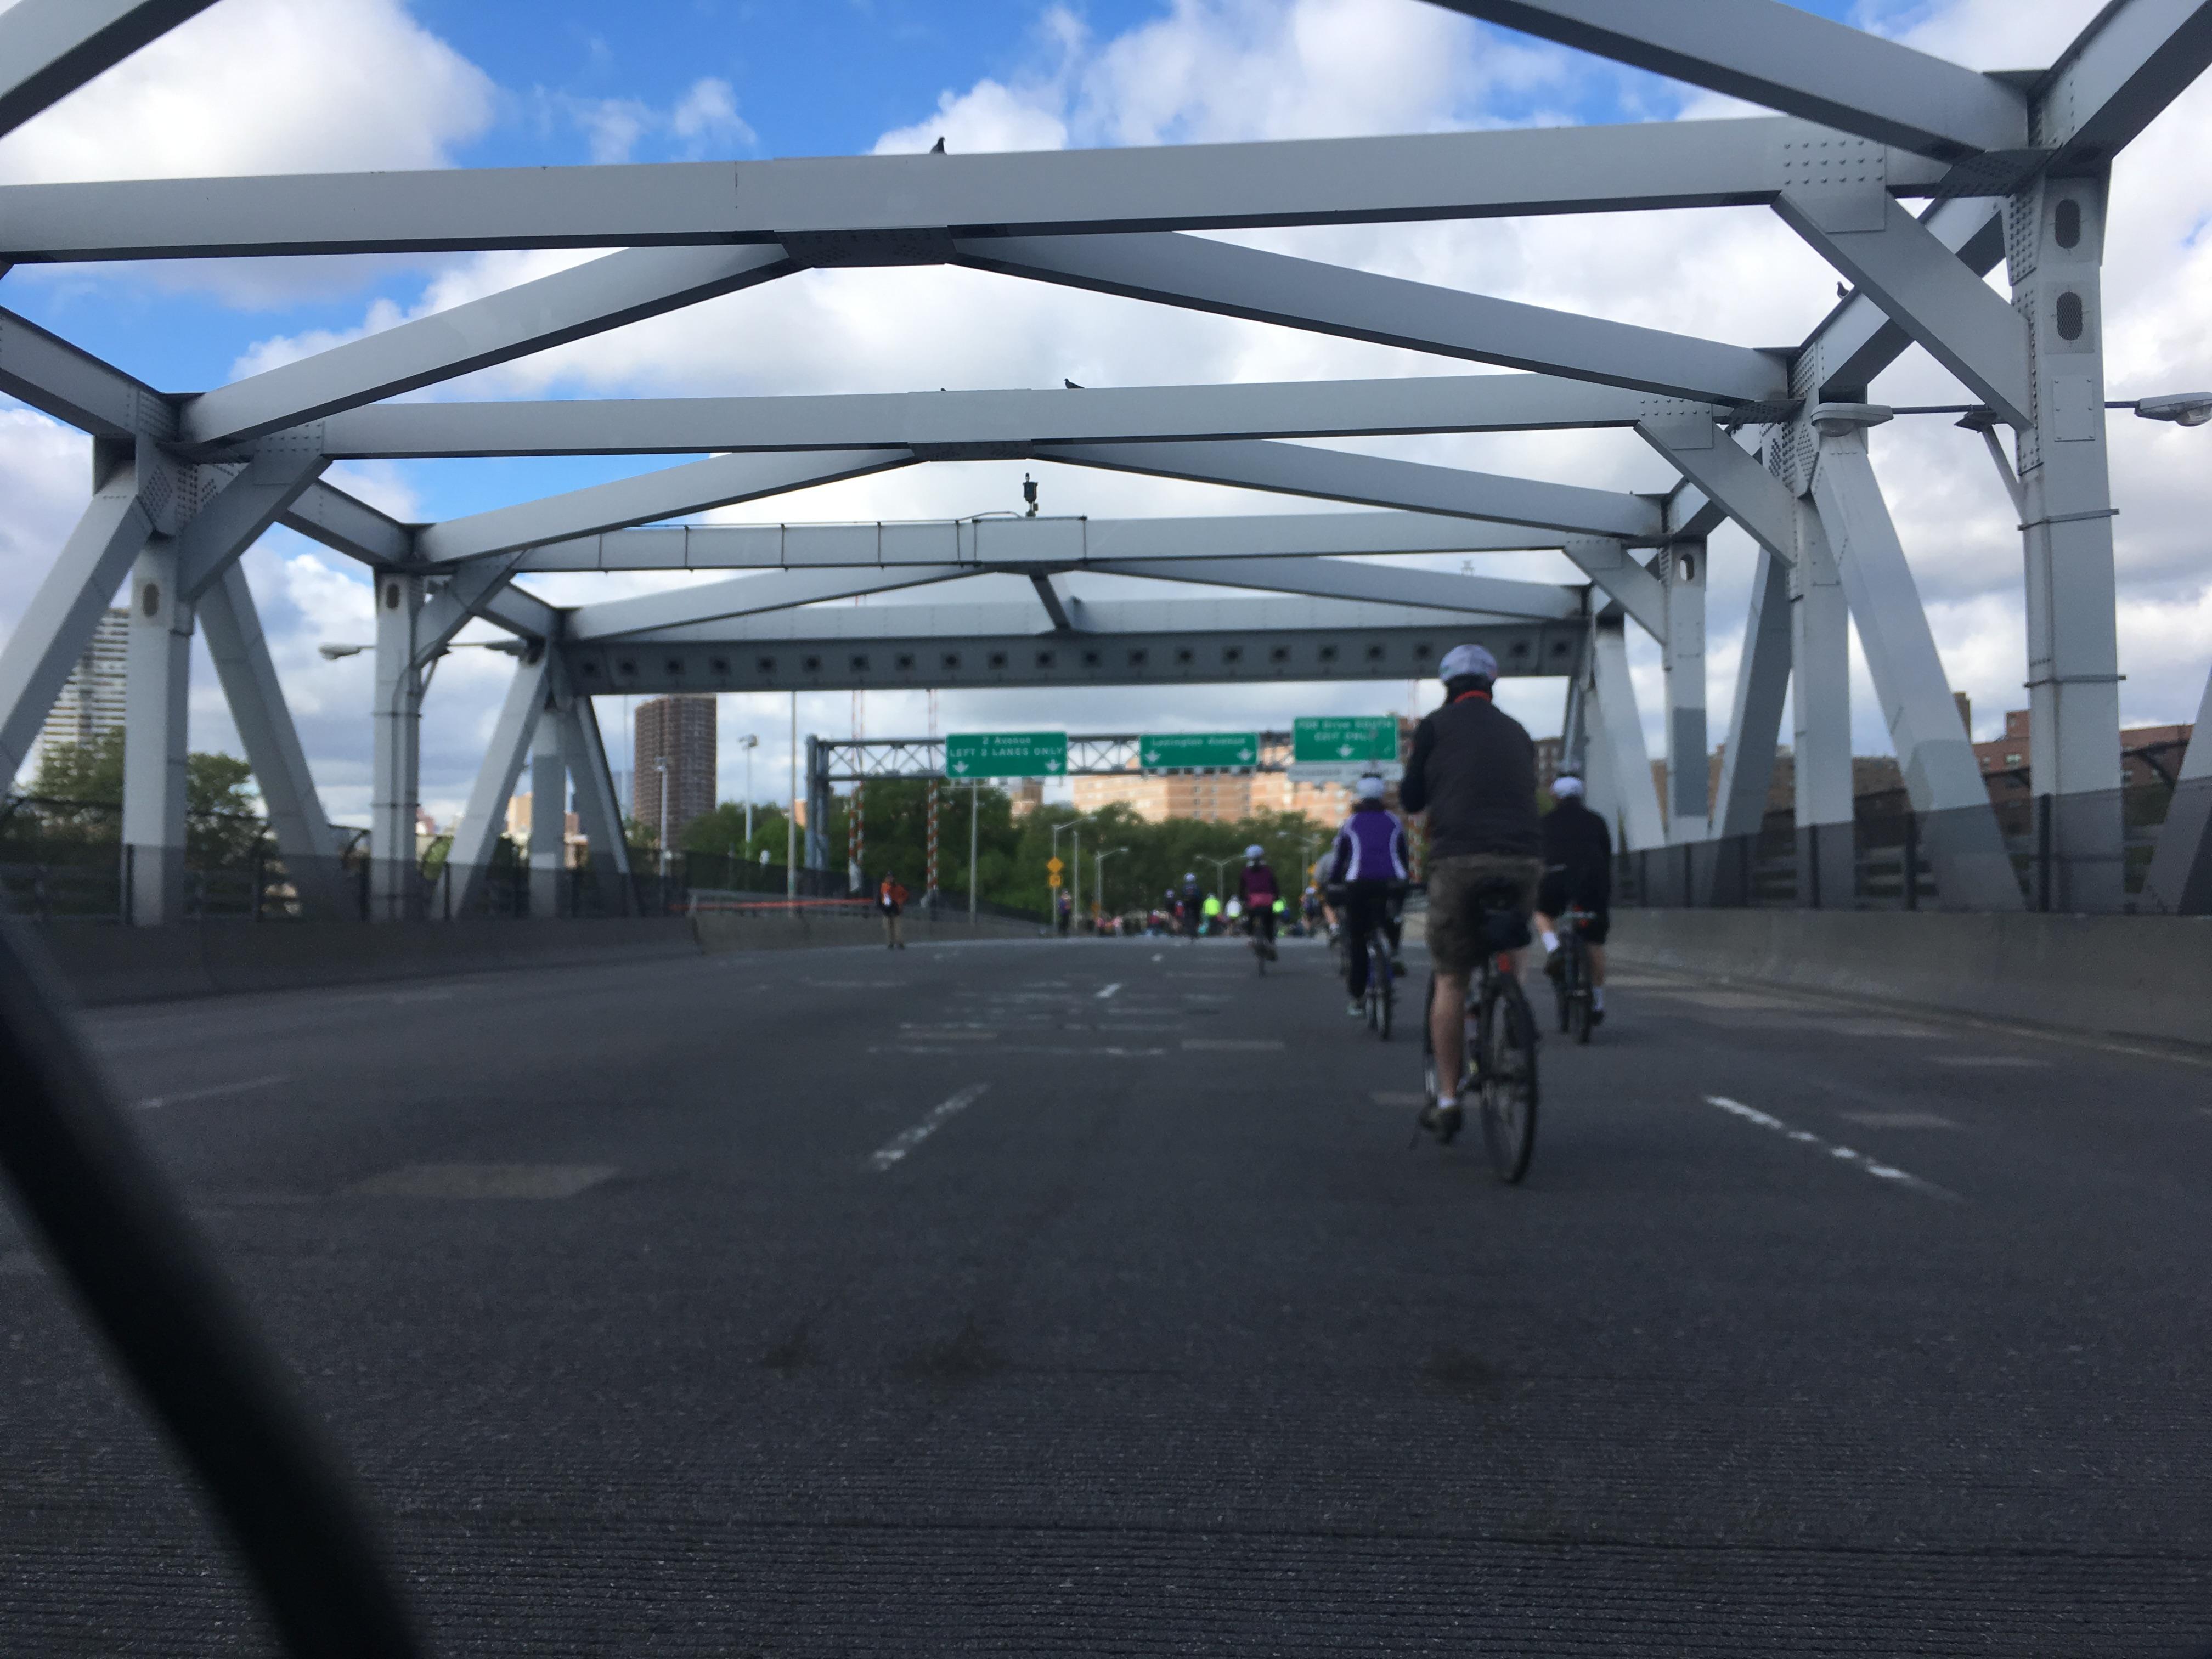 ブロンクスとマンハッタンをつなぐ橋